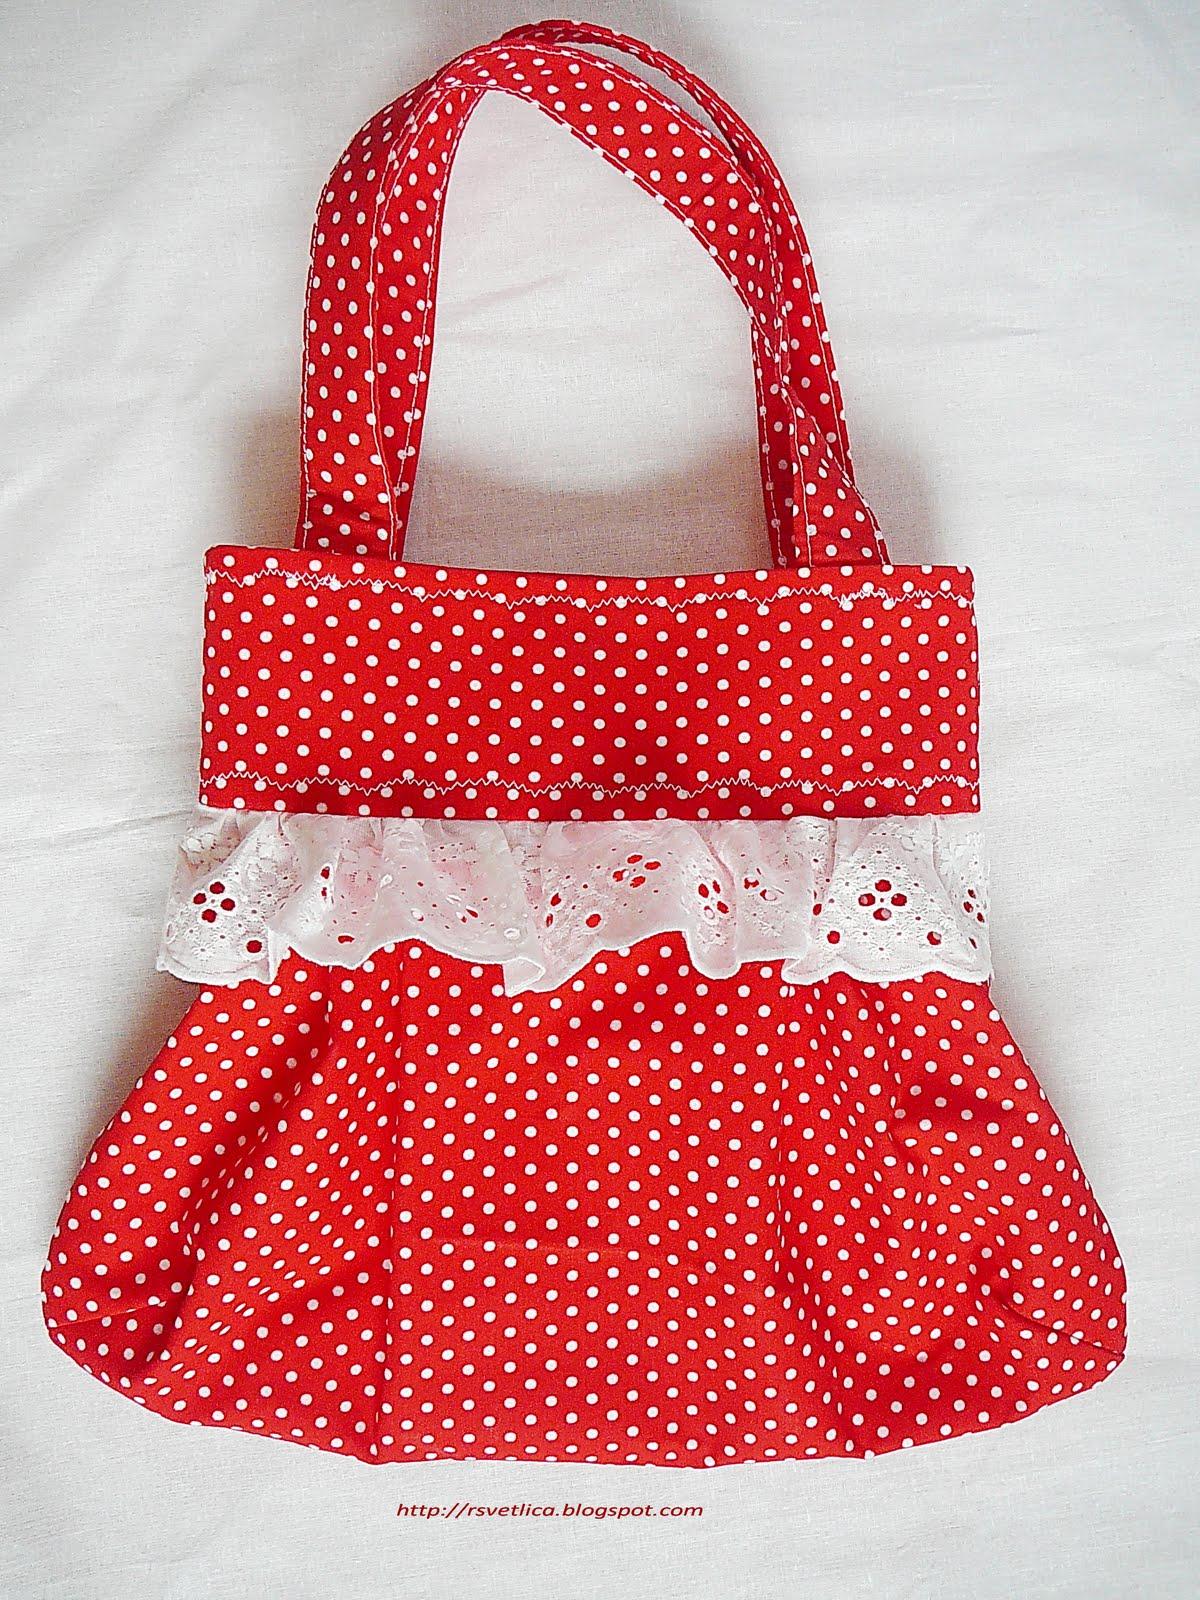 Небольшая сумочка для девочки размером 20х30 см. Сшита полностью из хлопка.  Оборка из натурального шитья.